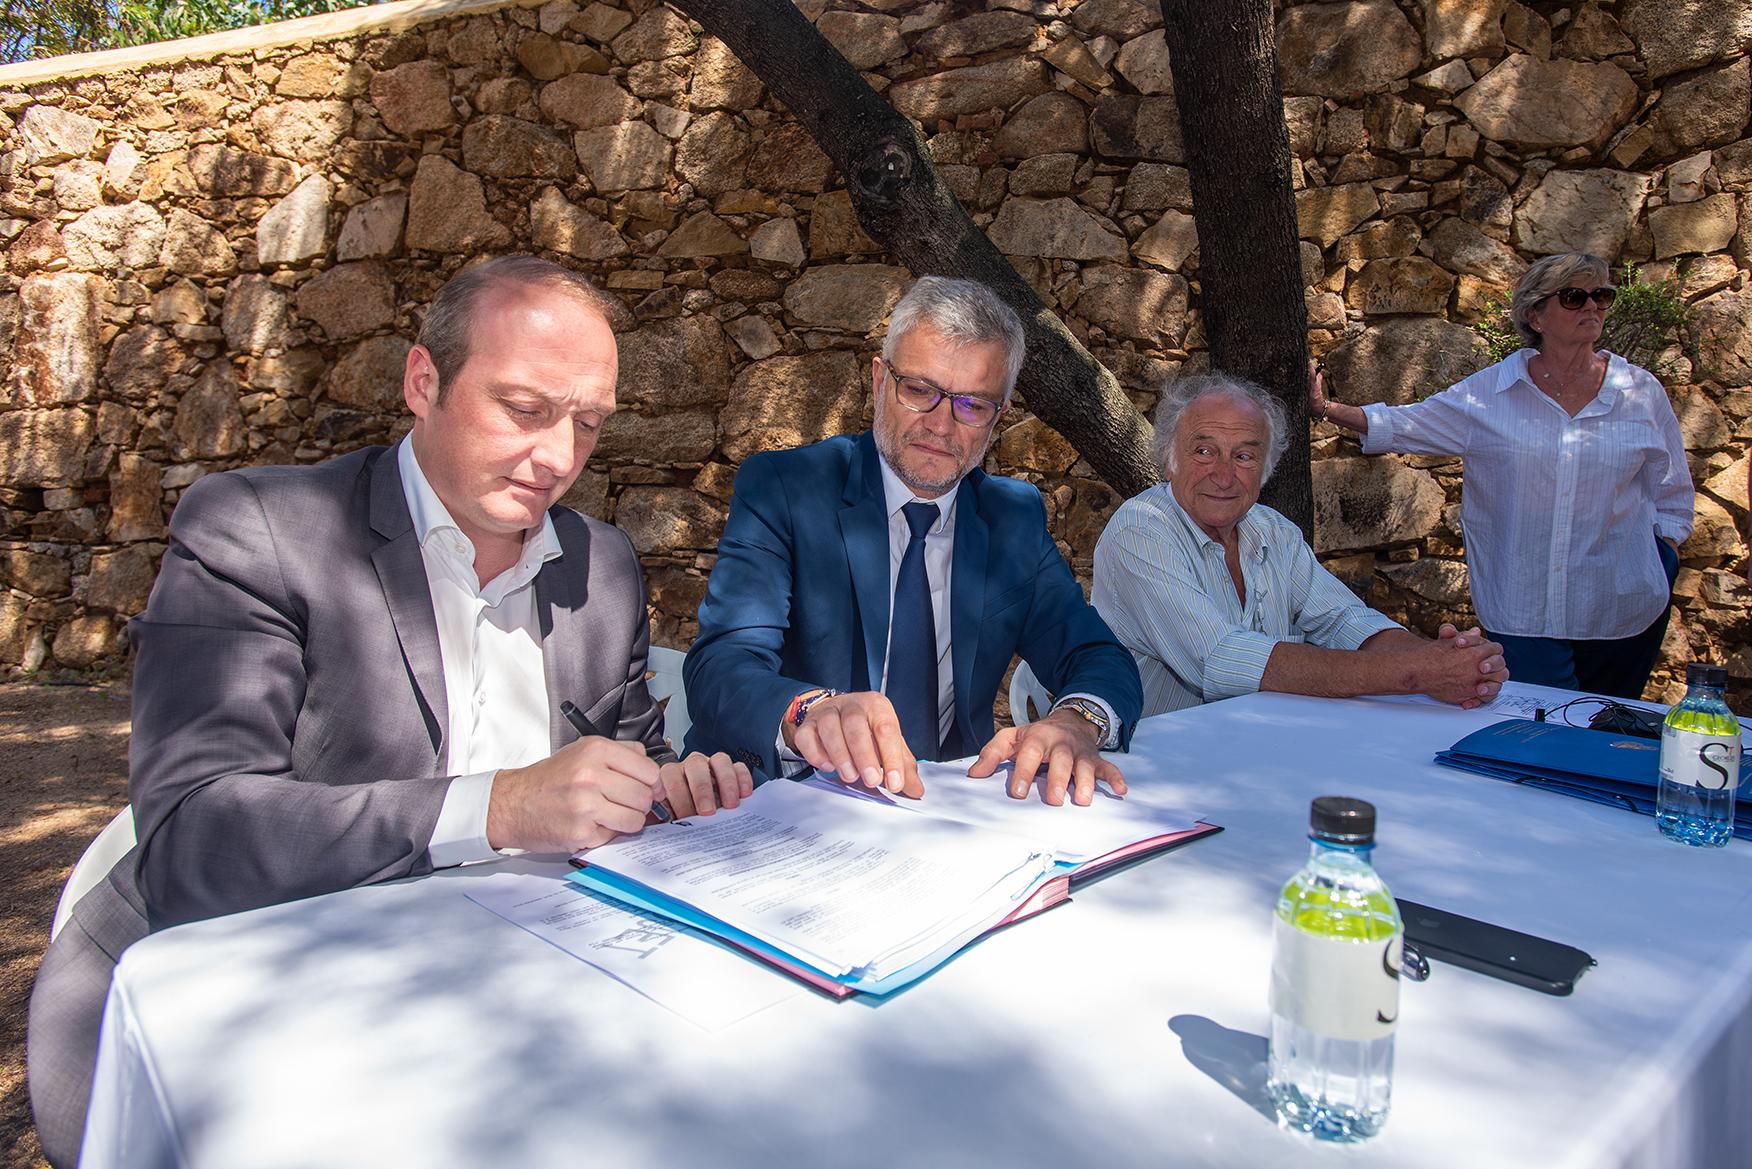 Signature de l'acte de donation des époux Ollandini au profit de la Ville d'Ajaccio dans l'enceinte du Lazaret-Ollandini (Photos Ville d'Ajaccio).